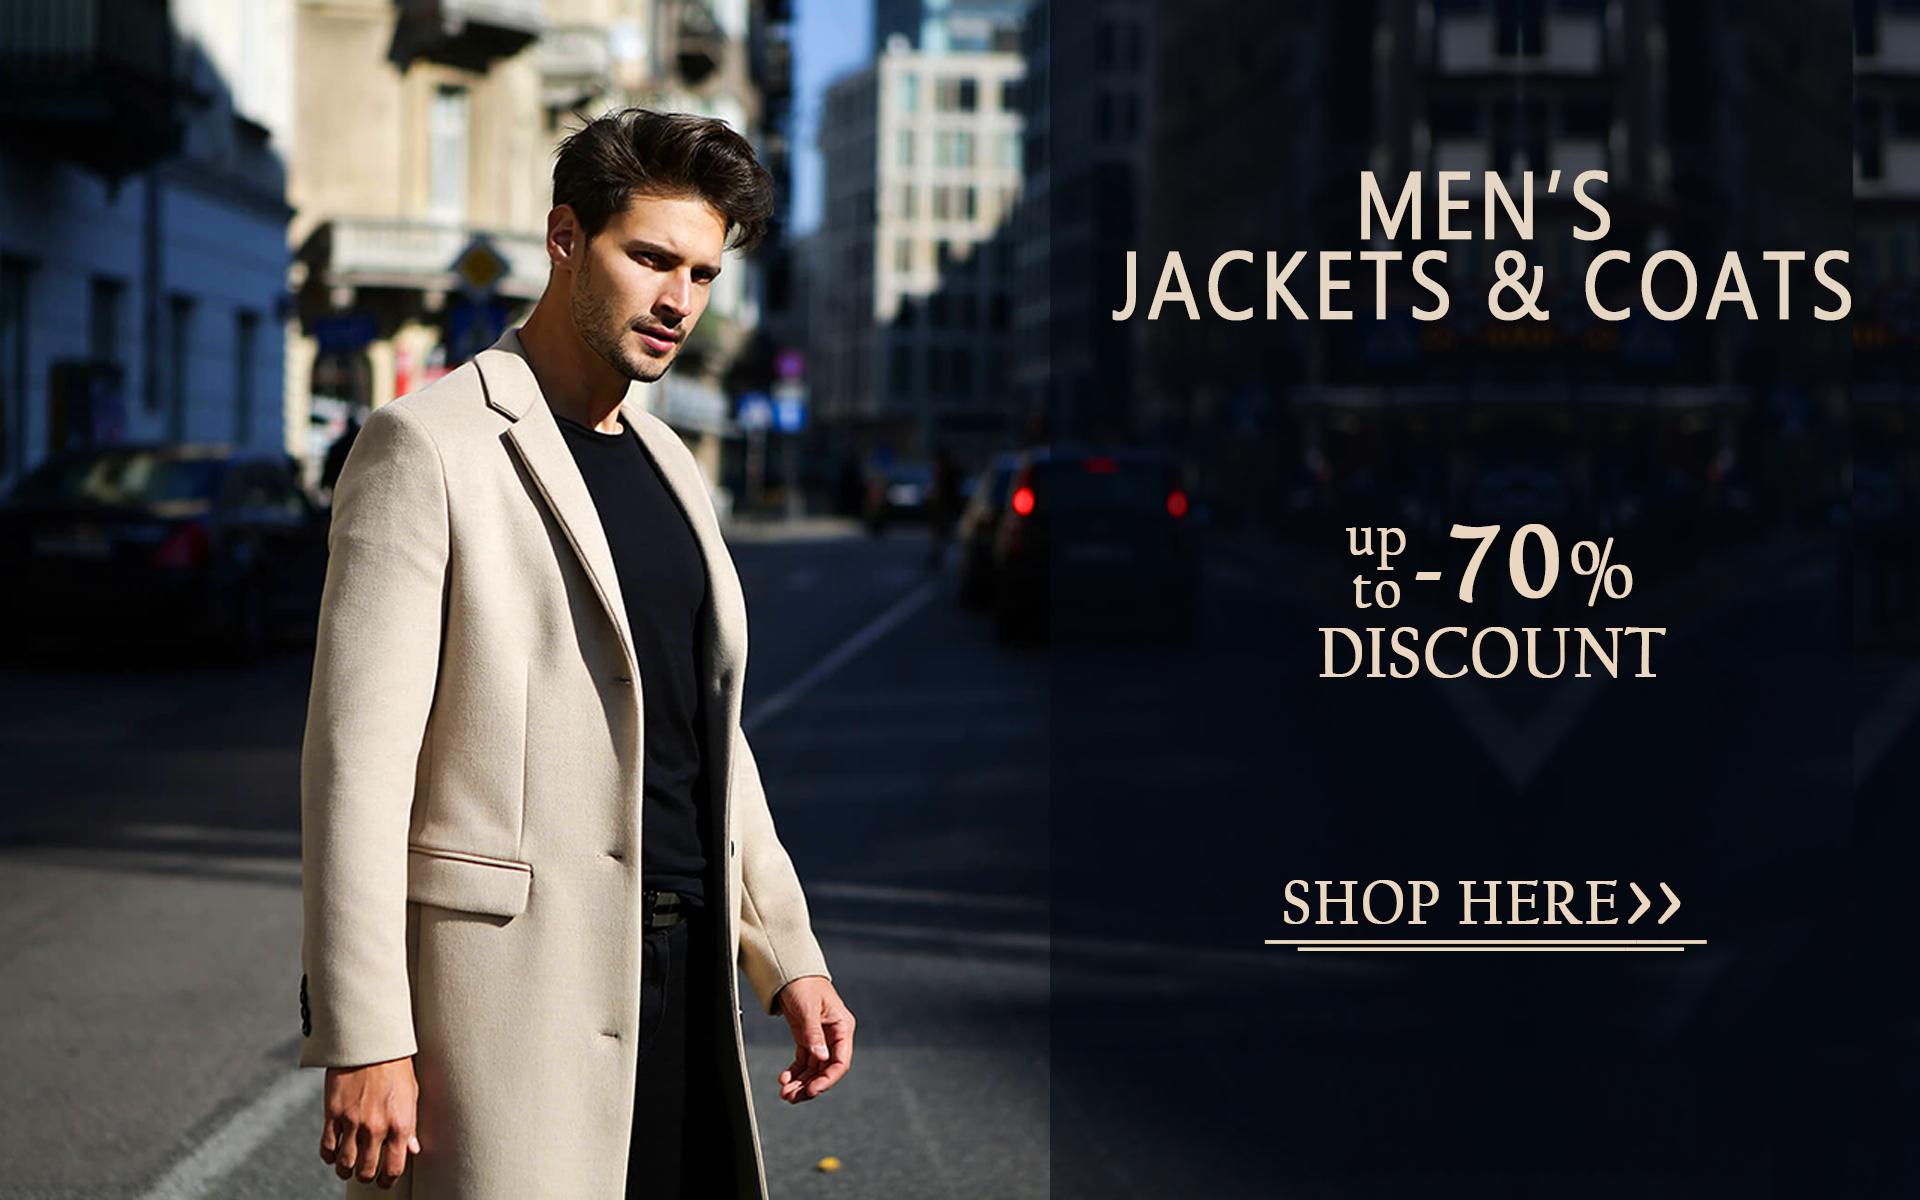 Jackets&Coats